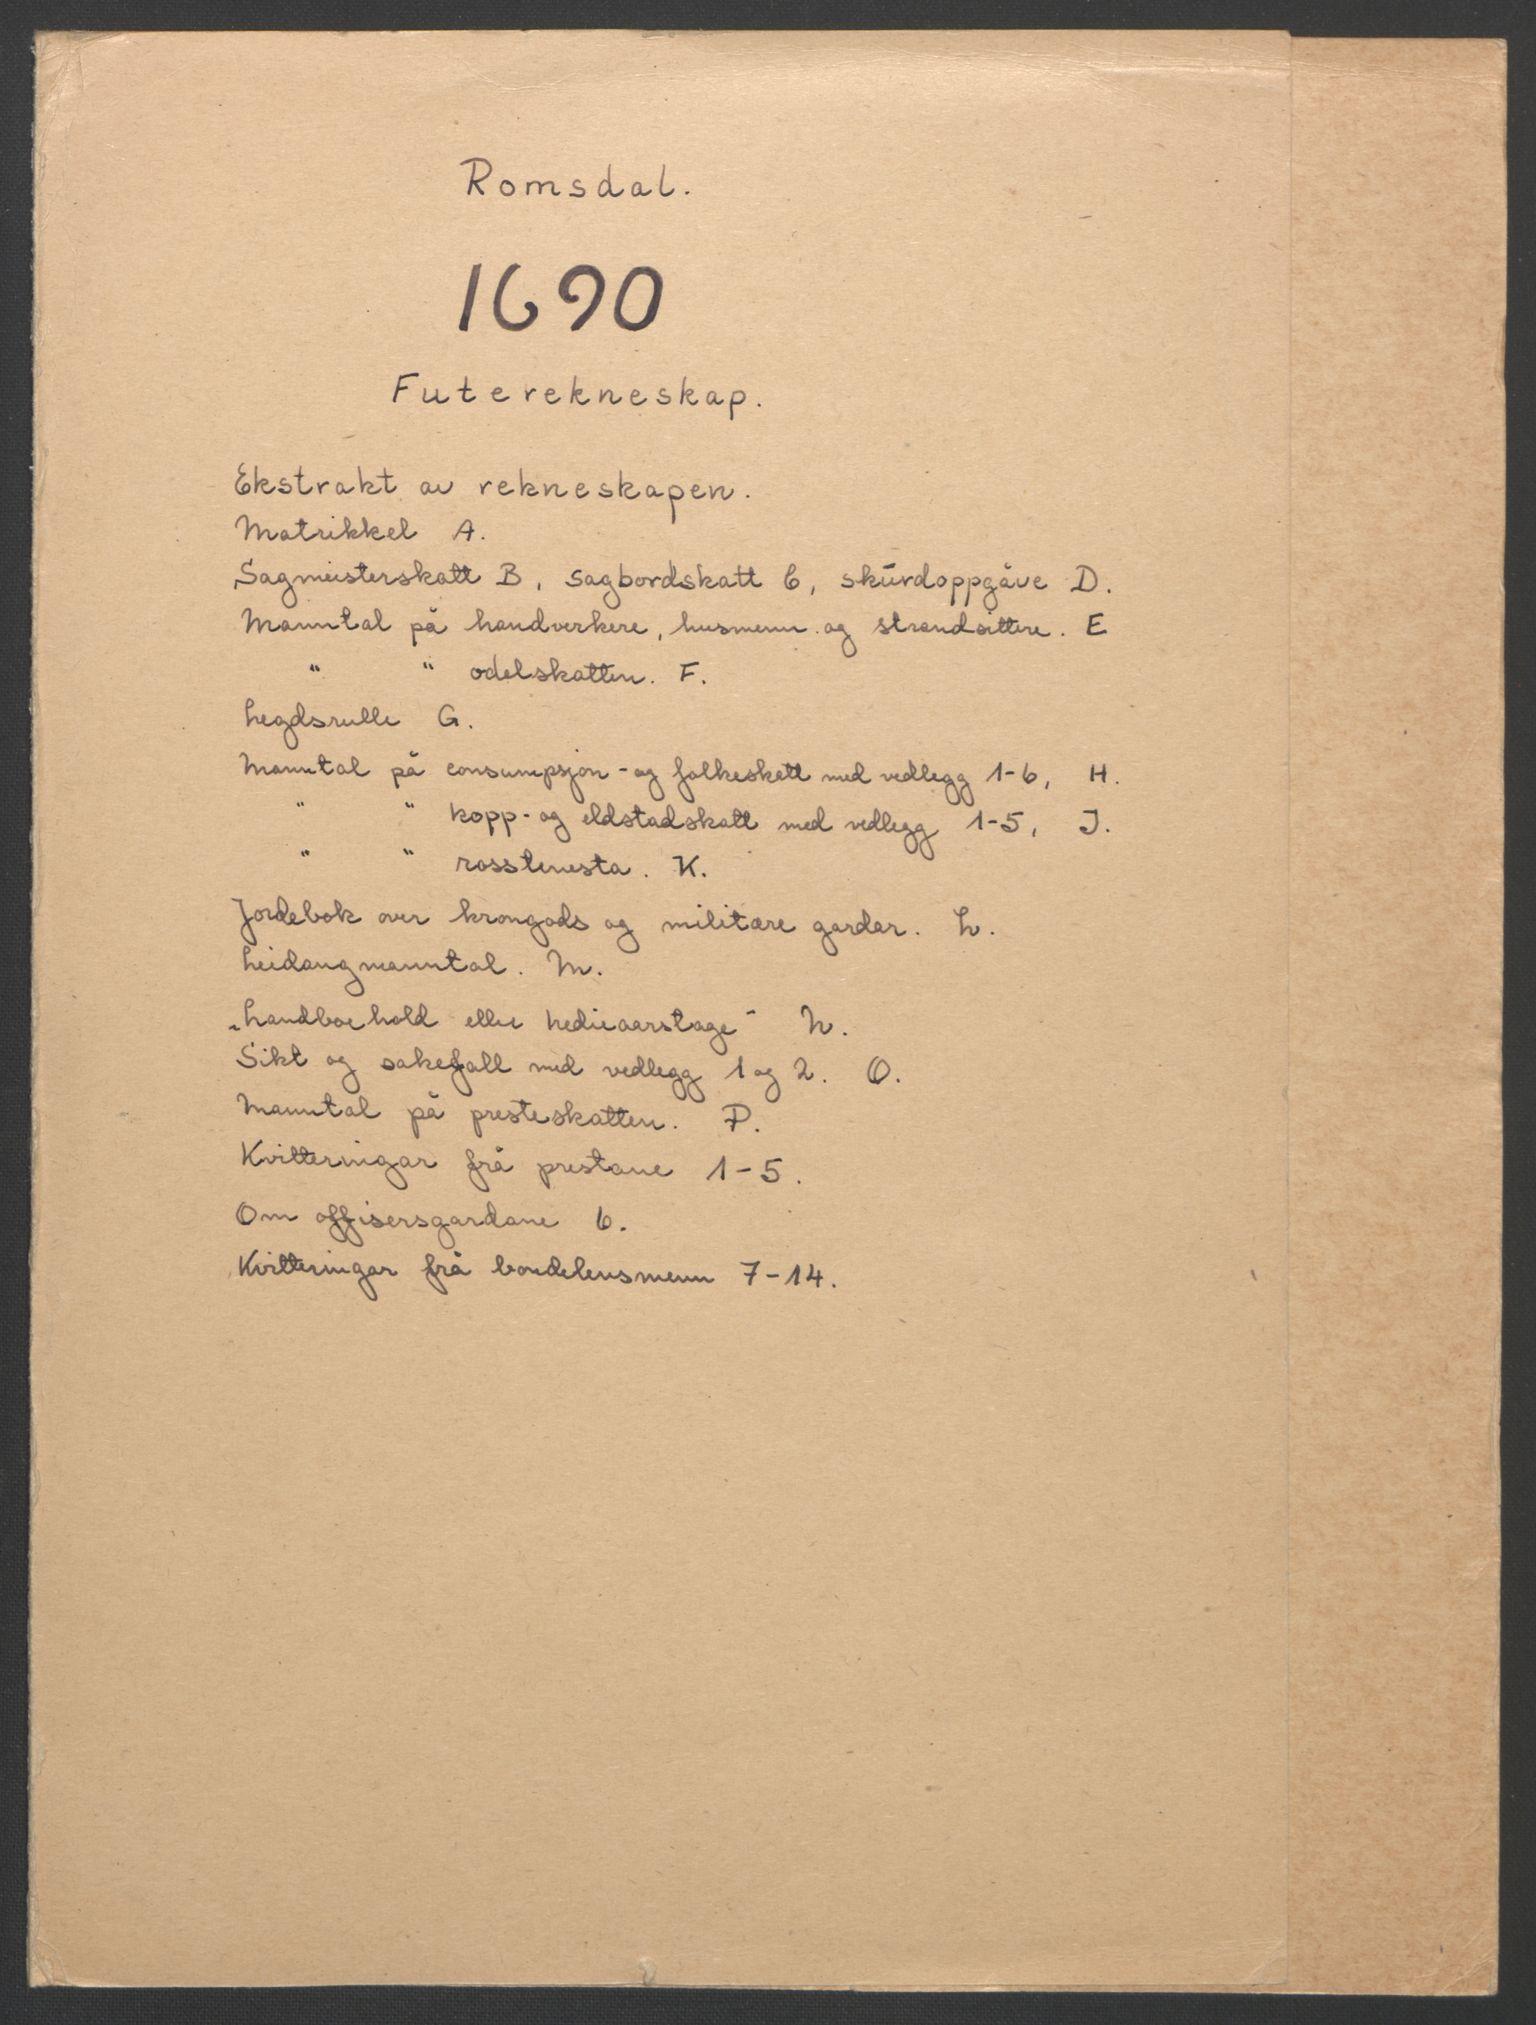 RA, Rentekammeret inntil 1814, Reviderte regnskaper, Fogderegnskap, R55/L3649: Fogderegnskap Romsdal, 1690-1691, s. 2